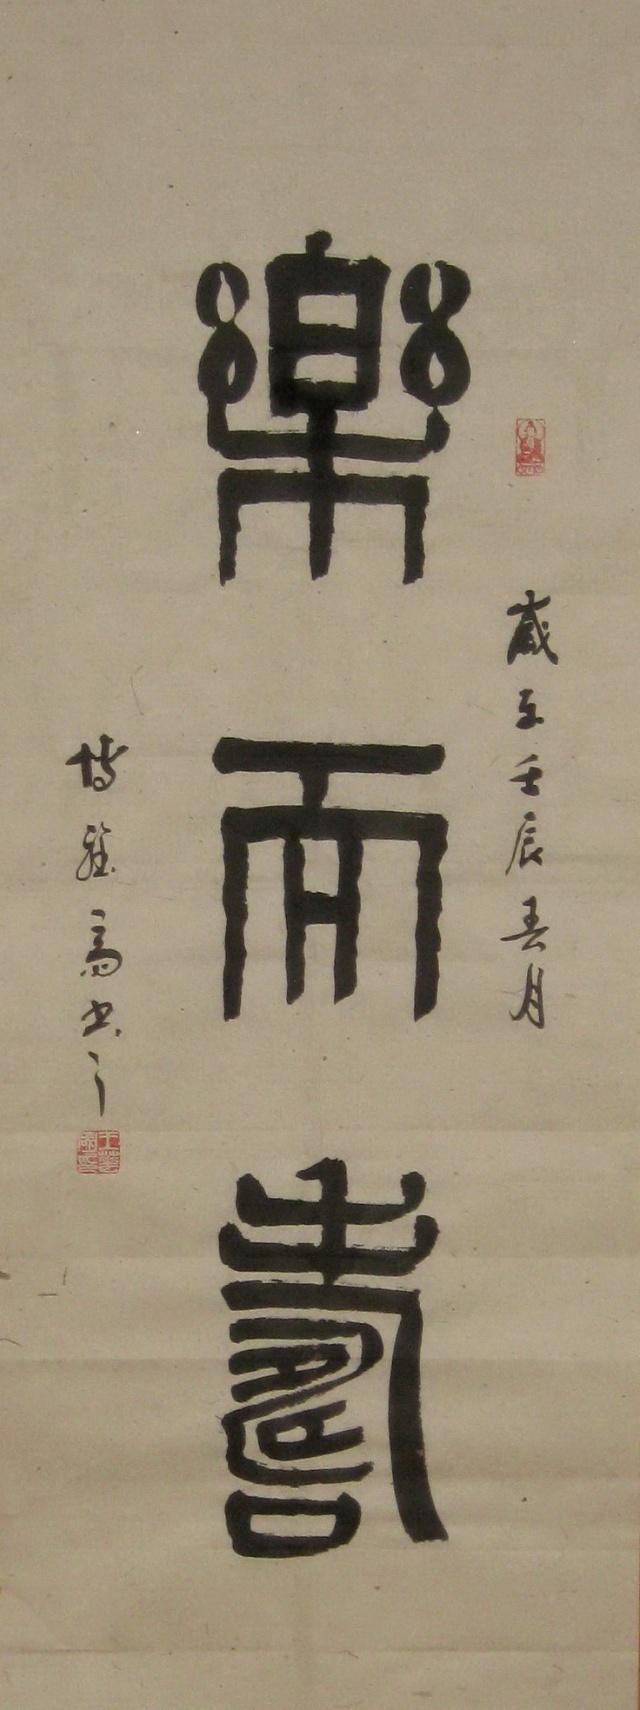 隶书斗方:菩提本无树